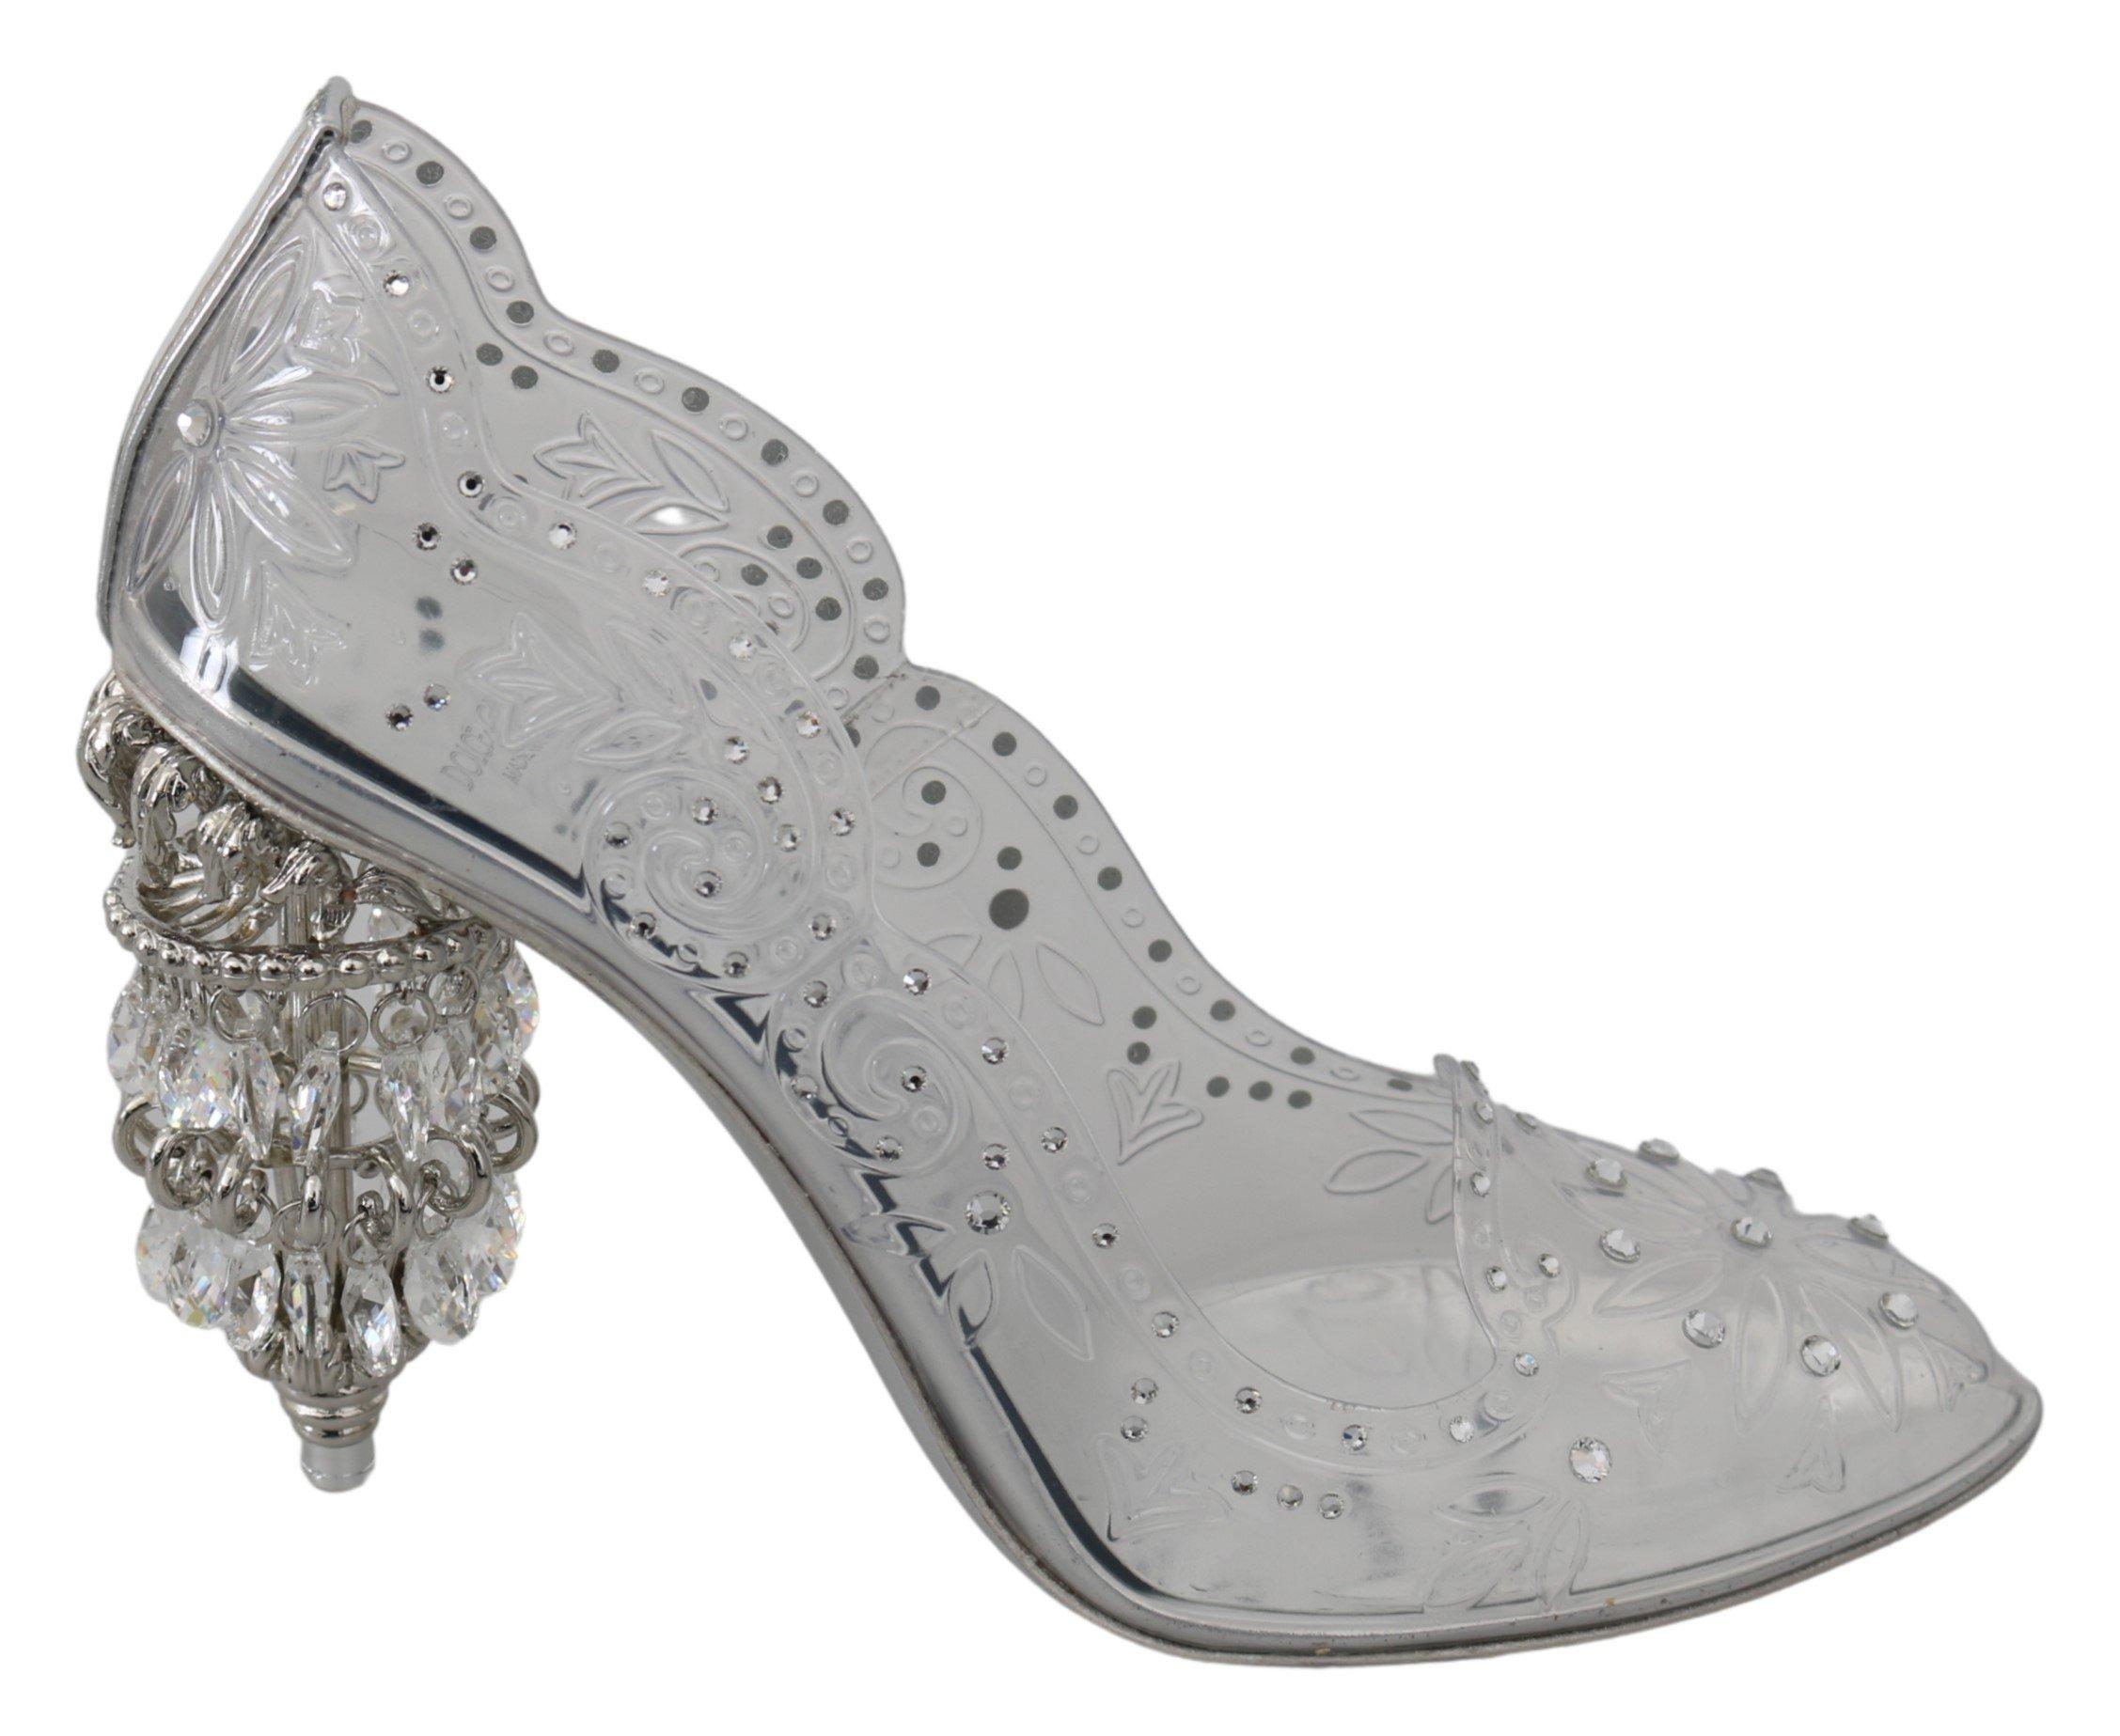 Dolce & Gabbana Women's Crystal CINDERELLA Pumps Transparent LA7279 - EU39/US8.5